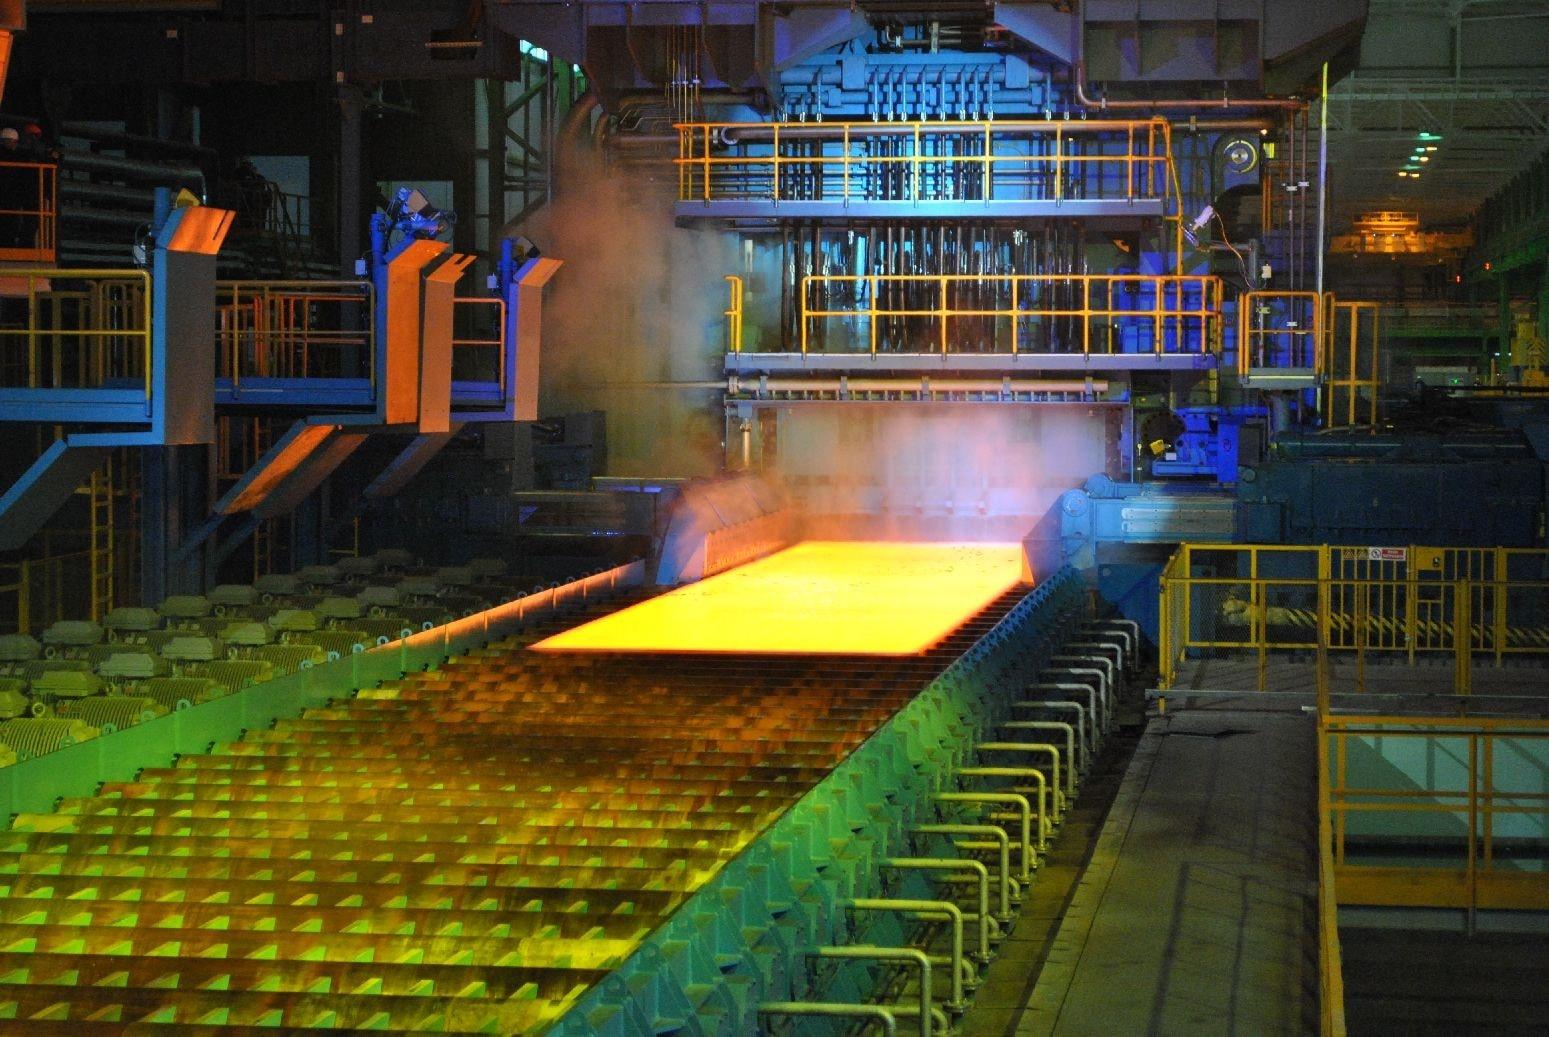 Как с помощью дата-майнинга мы уменьшали брак на металлообрабатывающем заводе — на установке охлаждения - 1